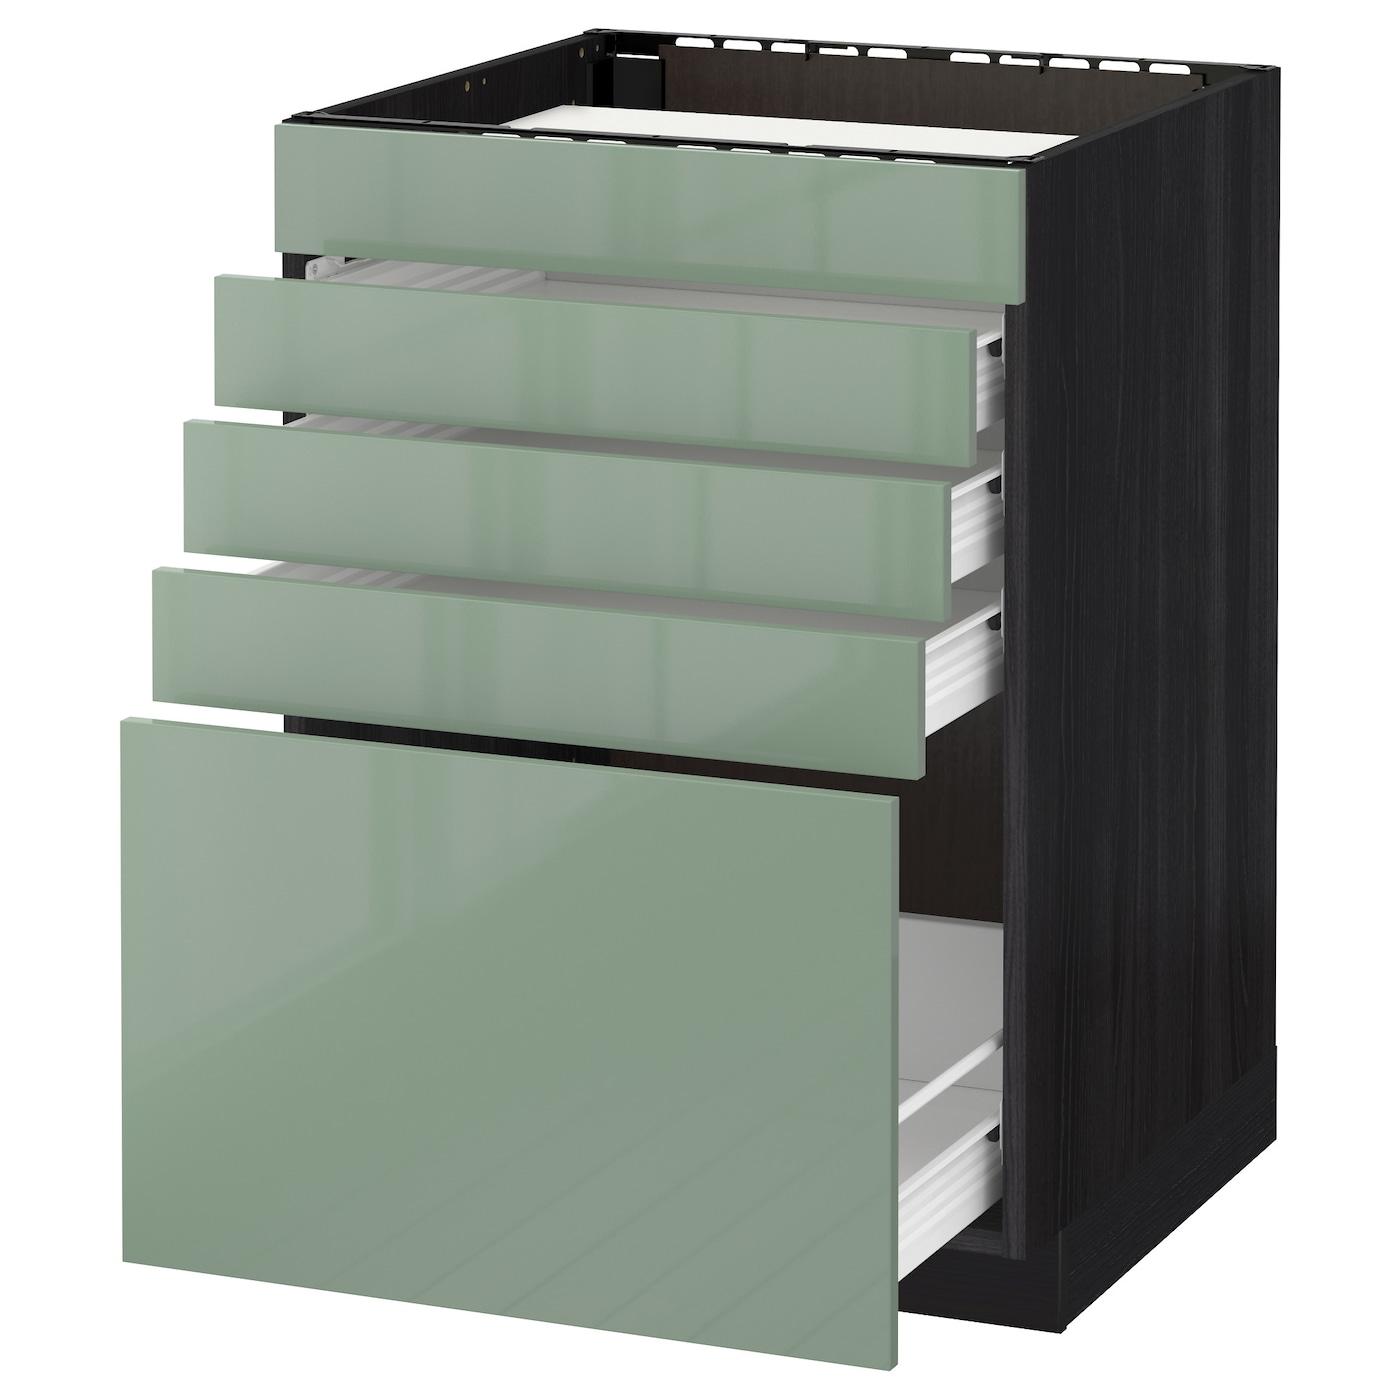 metod lt bs tble cuiss 5 faces 4 tiroirs noir kallarp vert clair 60x60 cm ikea. Black Bedroom Furniture Sets. Home Design Ideas